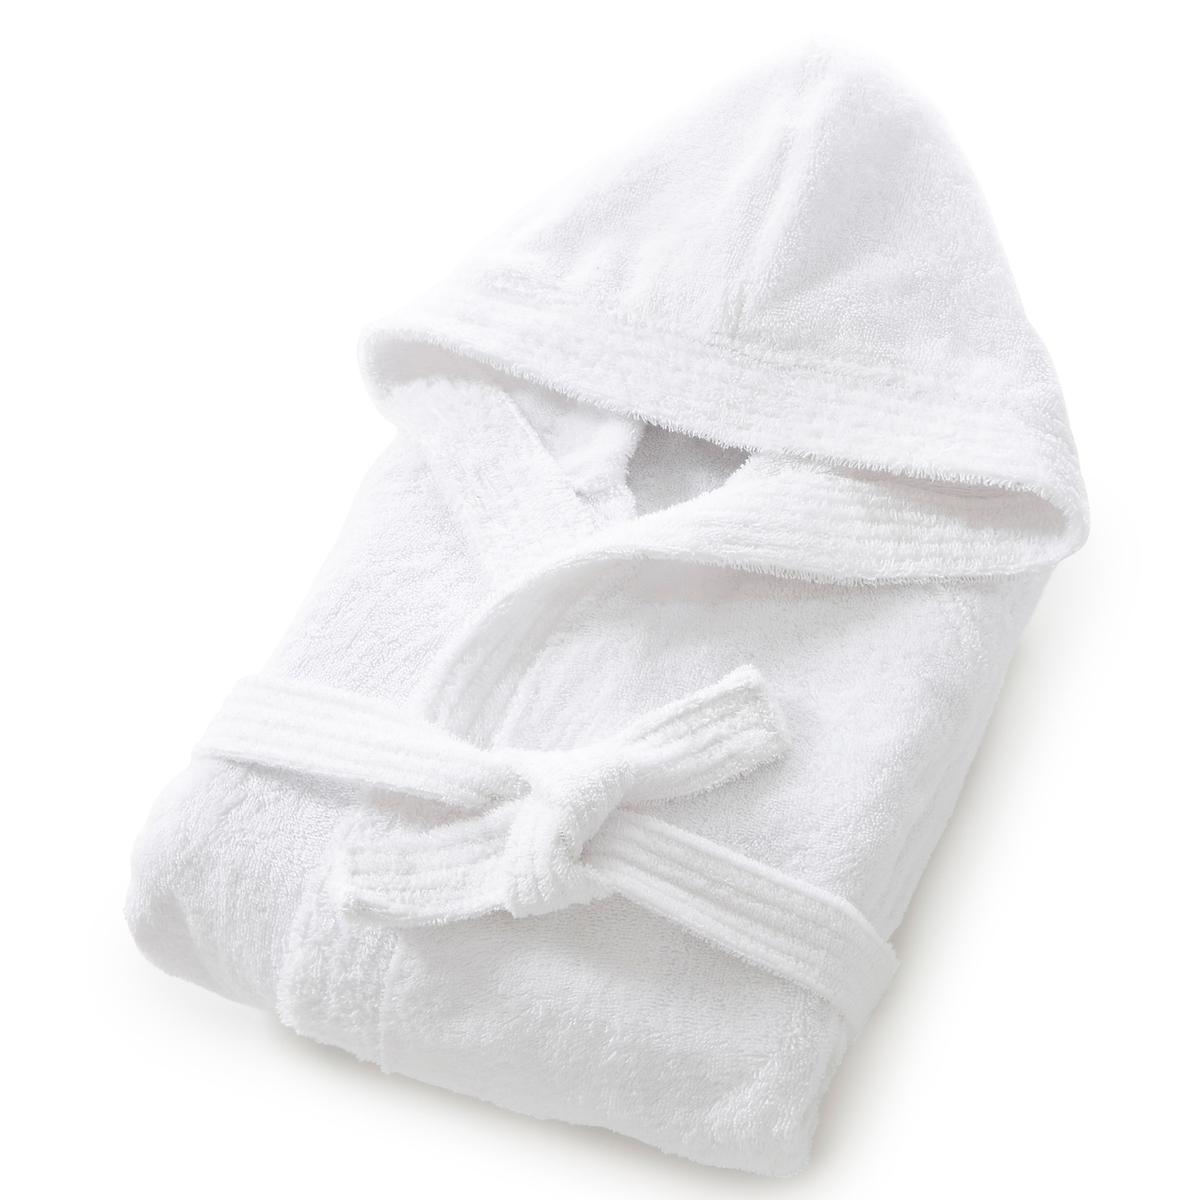 Халат с капюшоном из махровой ткани, 450 г/м²